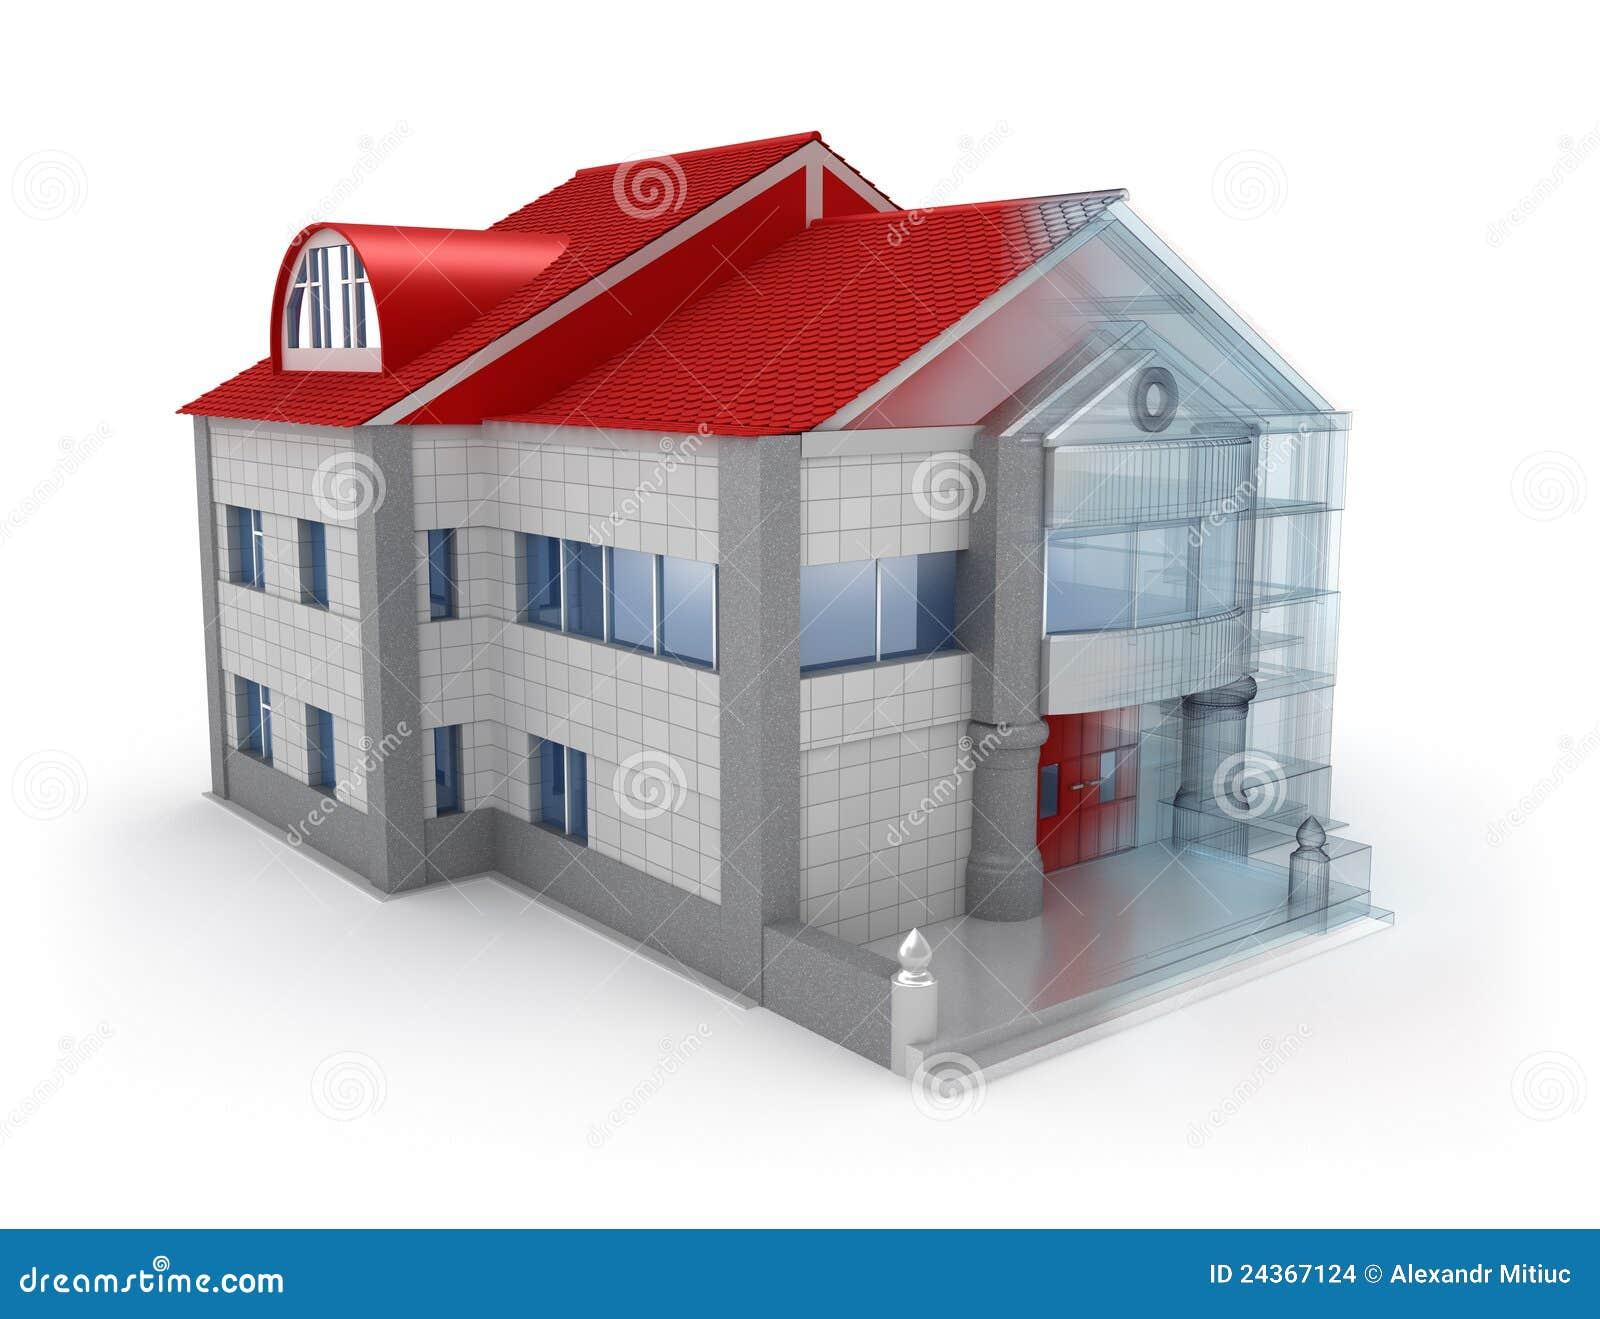 Disegno esterno della casa illustrazione di stock for Disegno della casa di architettura